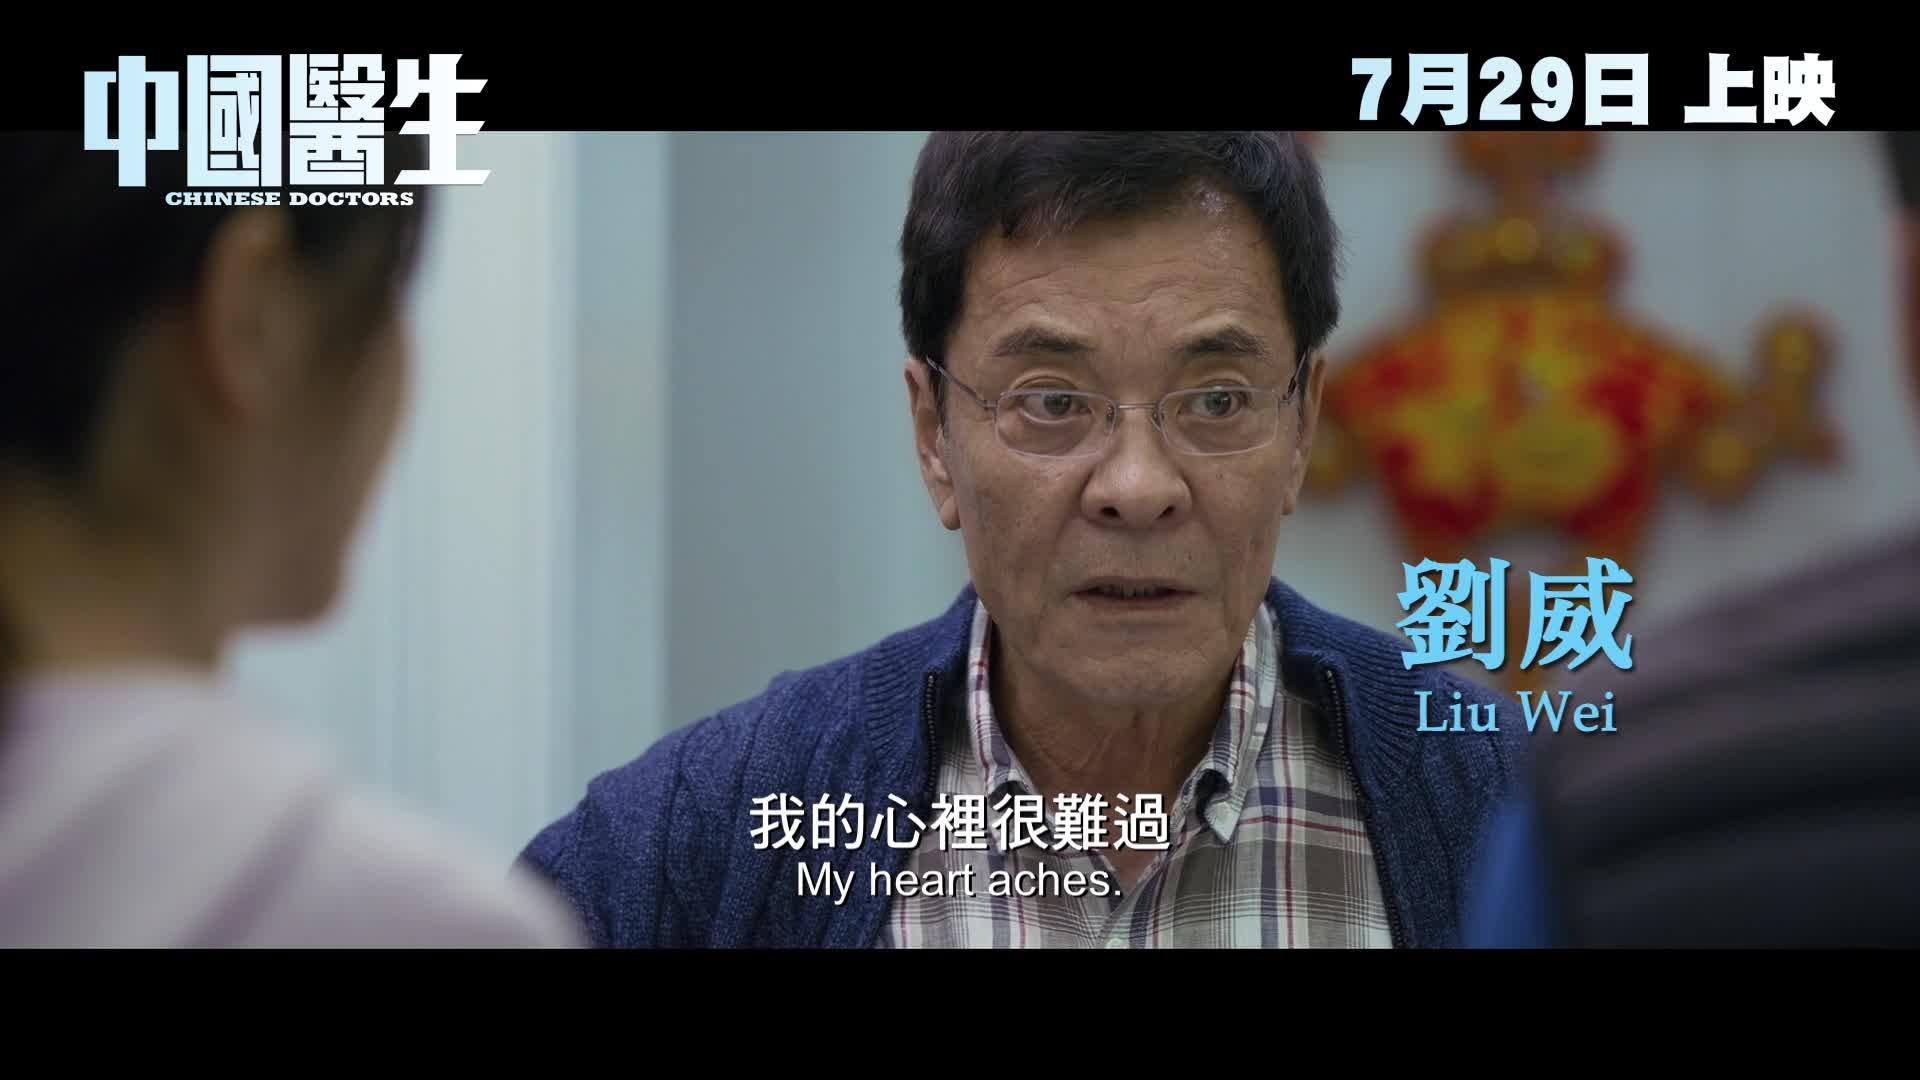 《中國醫生》電影預告